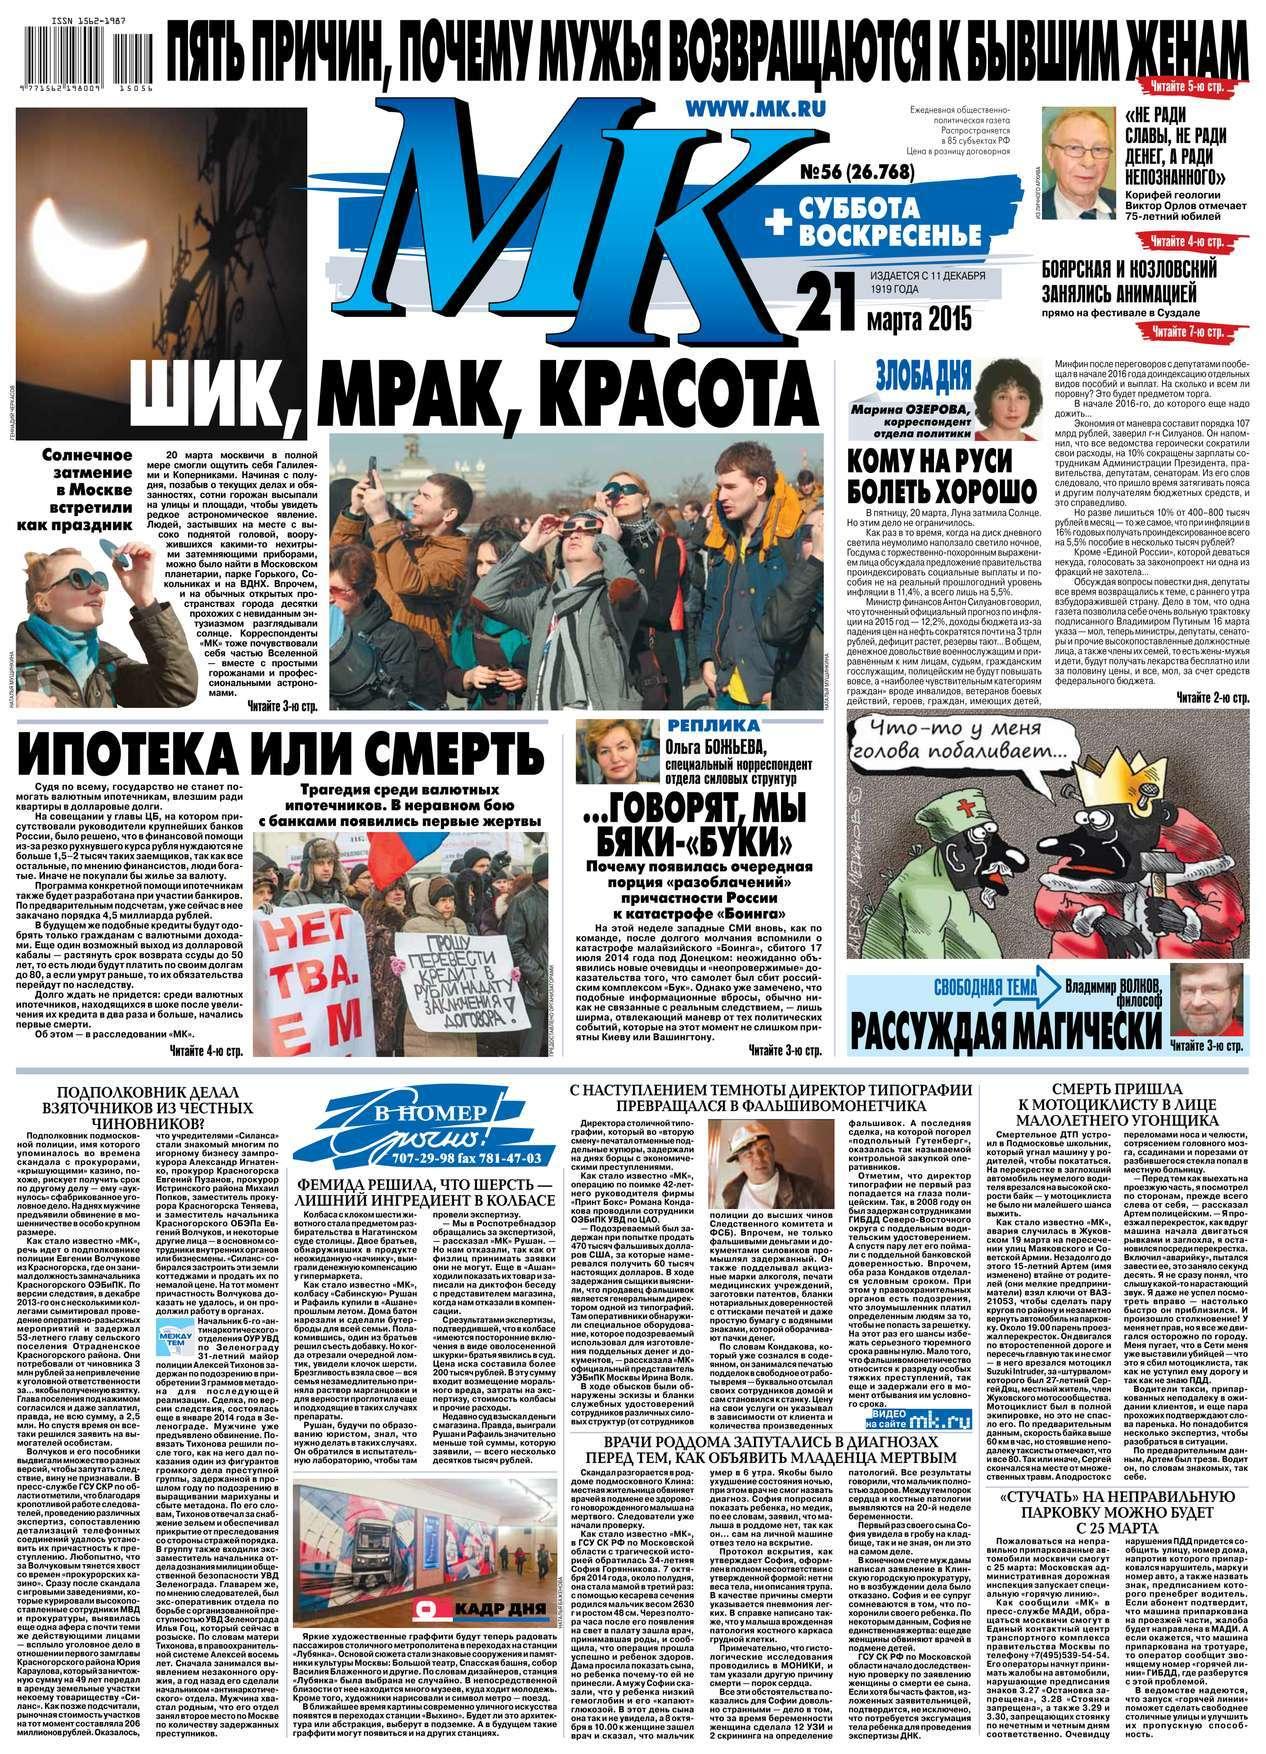 Скачать МК Московский комсомолец 56-2015 бесплатно Редакция газеты МК Московский комсомолец